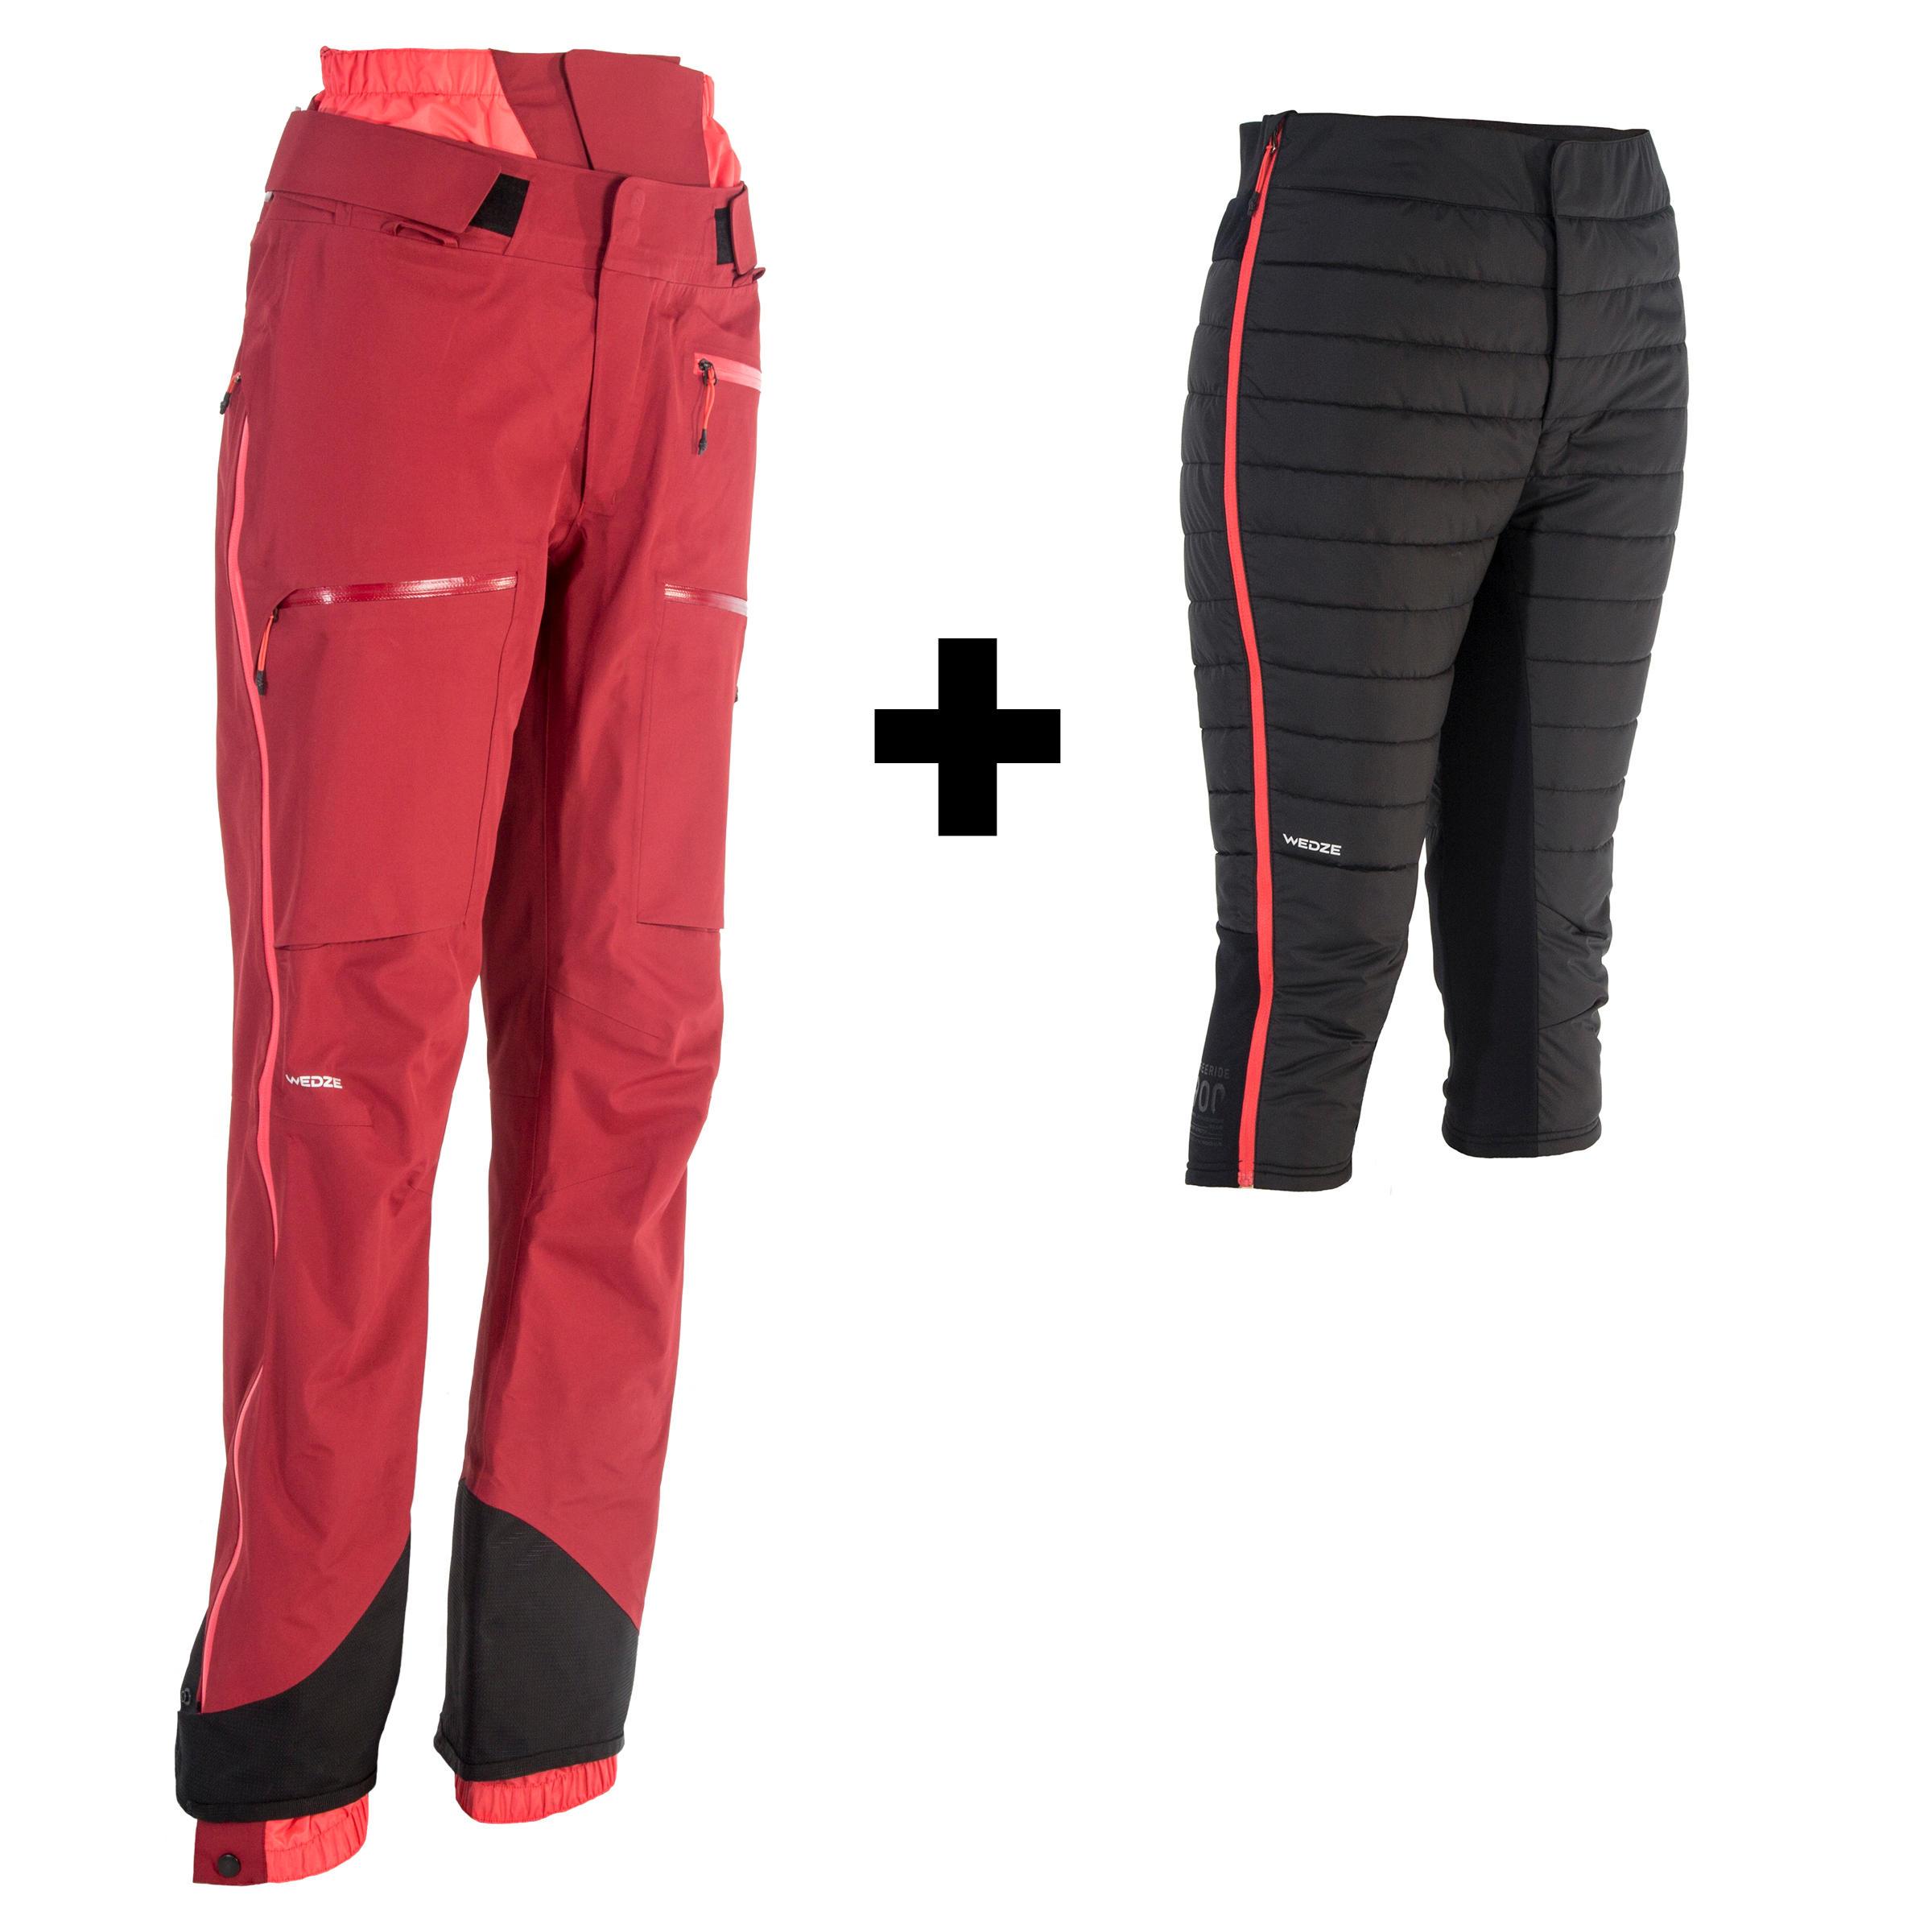 Pantalon schi SFR 900 Damă imagine produs